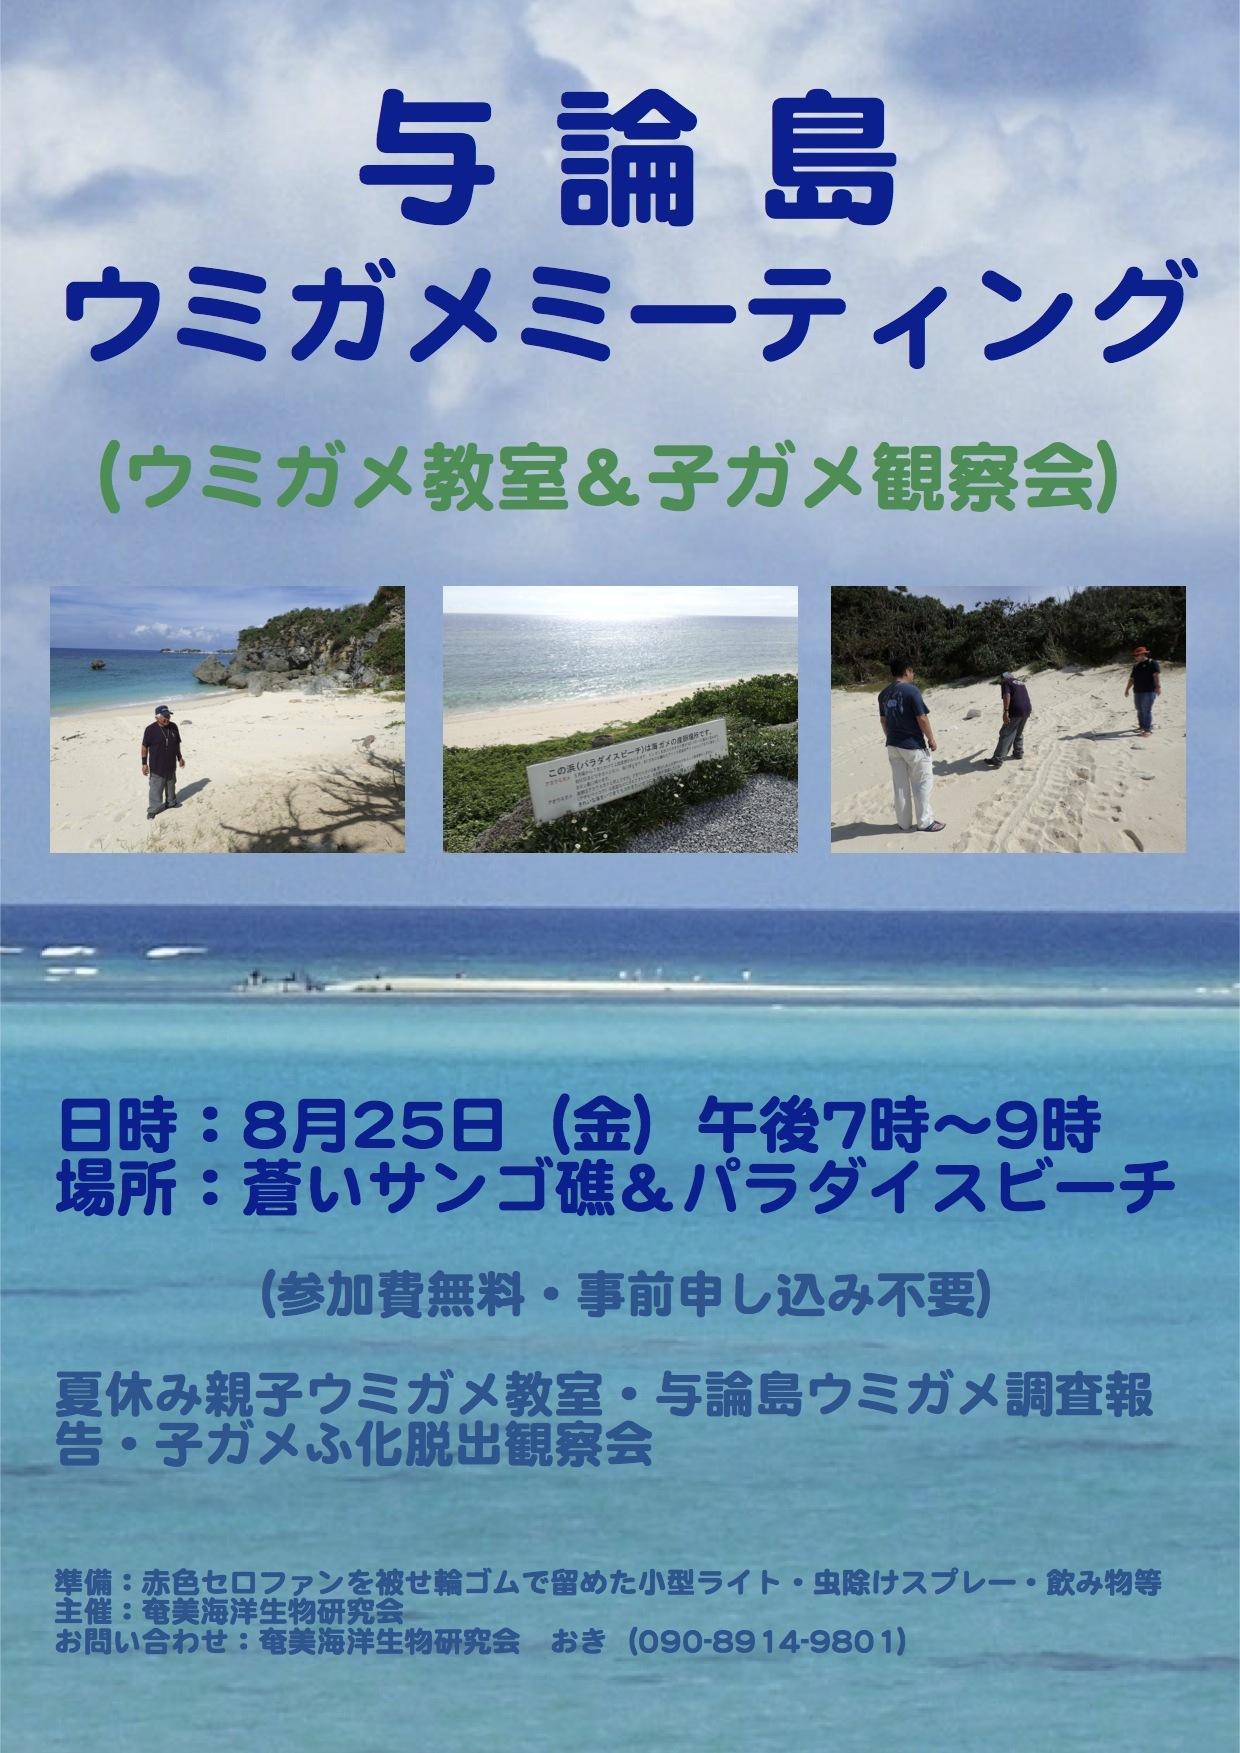 8/25 与論島ウミガメミーティング開催!_a0010095_19144181.jpg